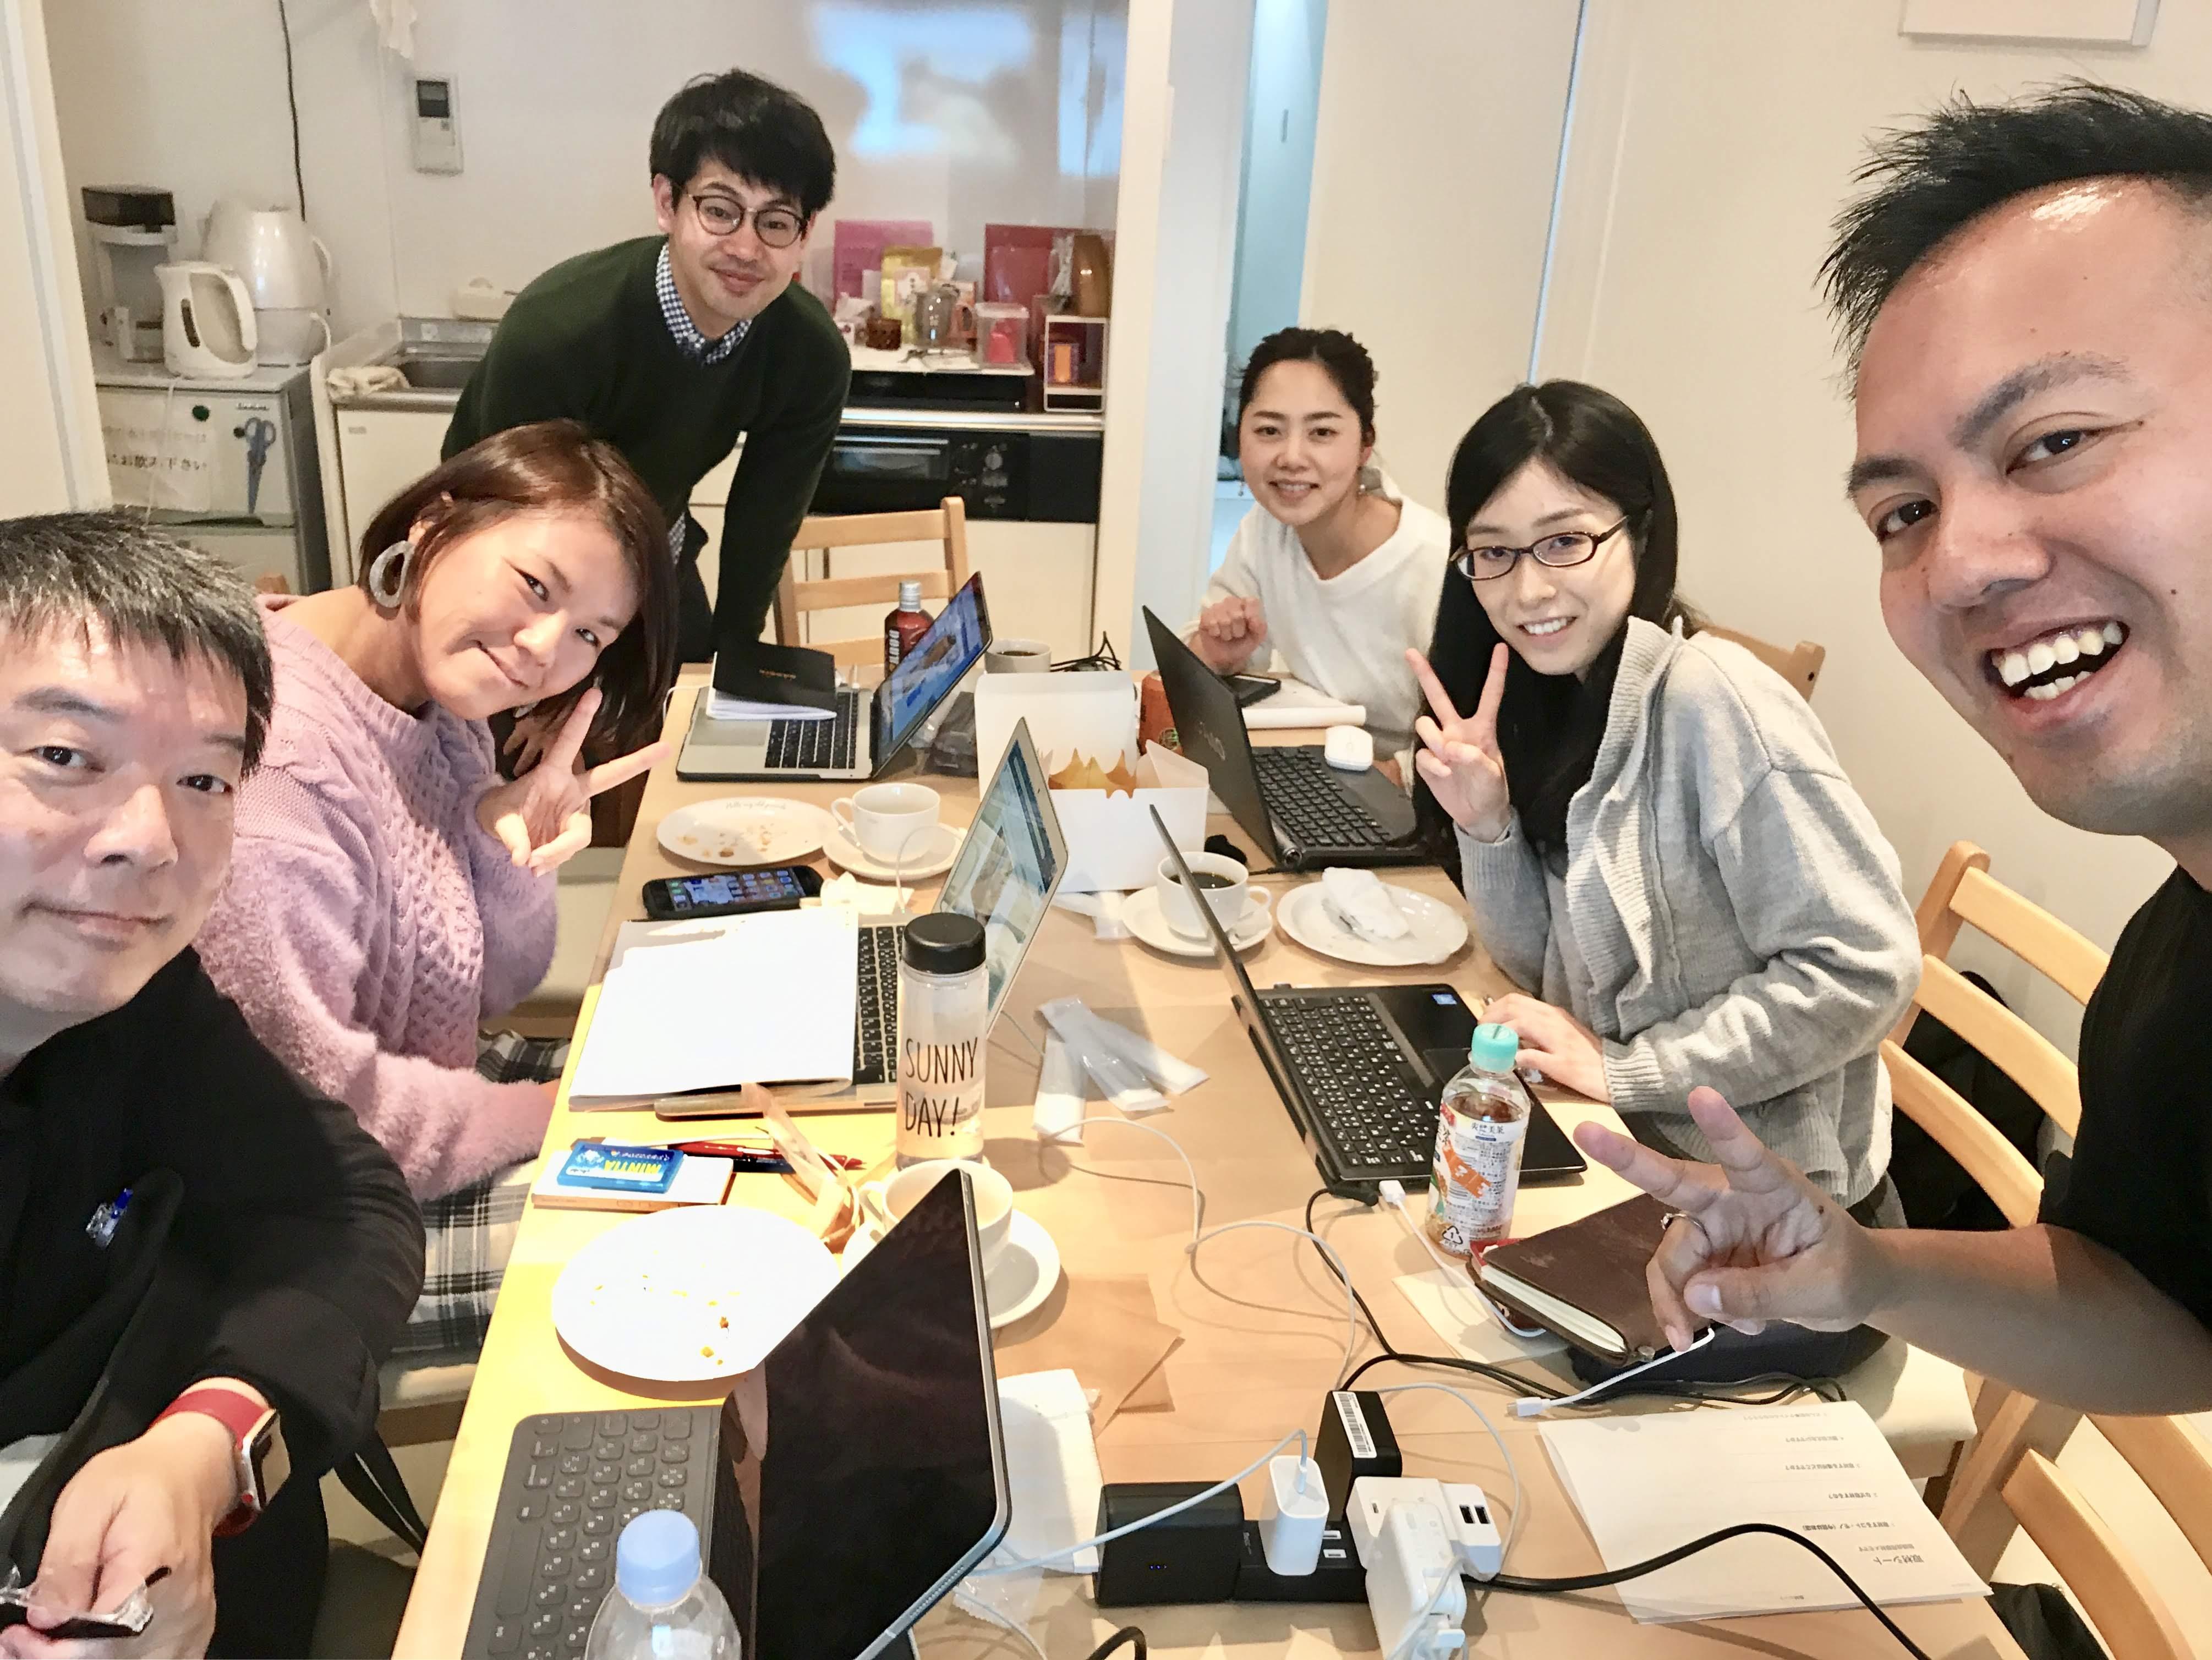 #はしもとんの勉強会 を東京麻布十番で開催しました!参加者の感想などモリモリ